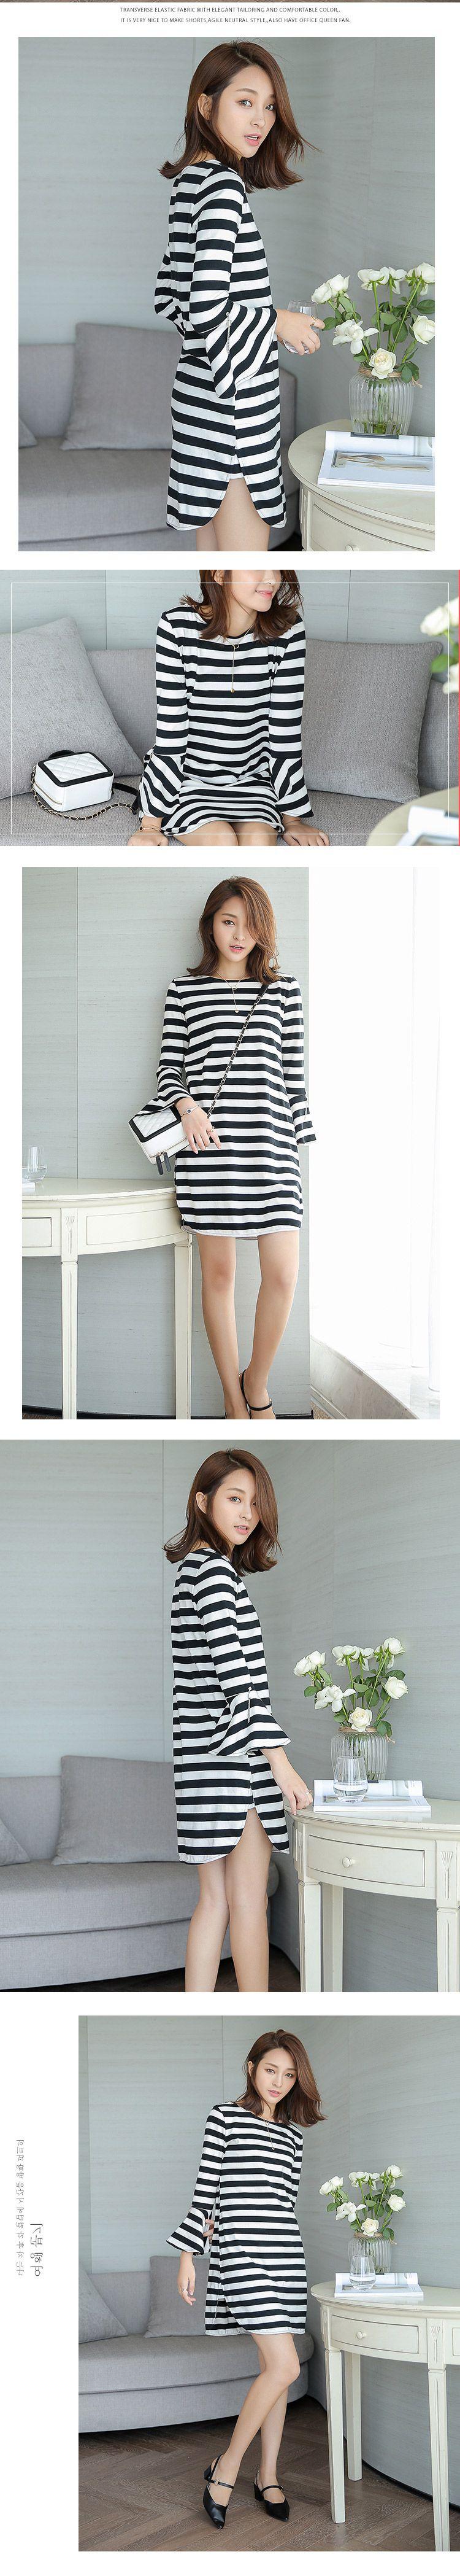 黑白条纹喇叭袖连衣裙